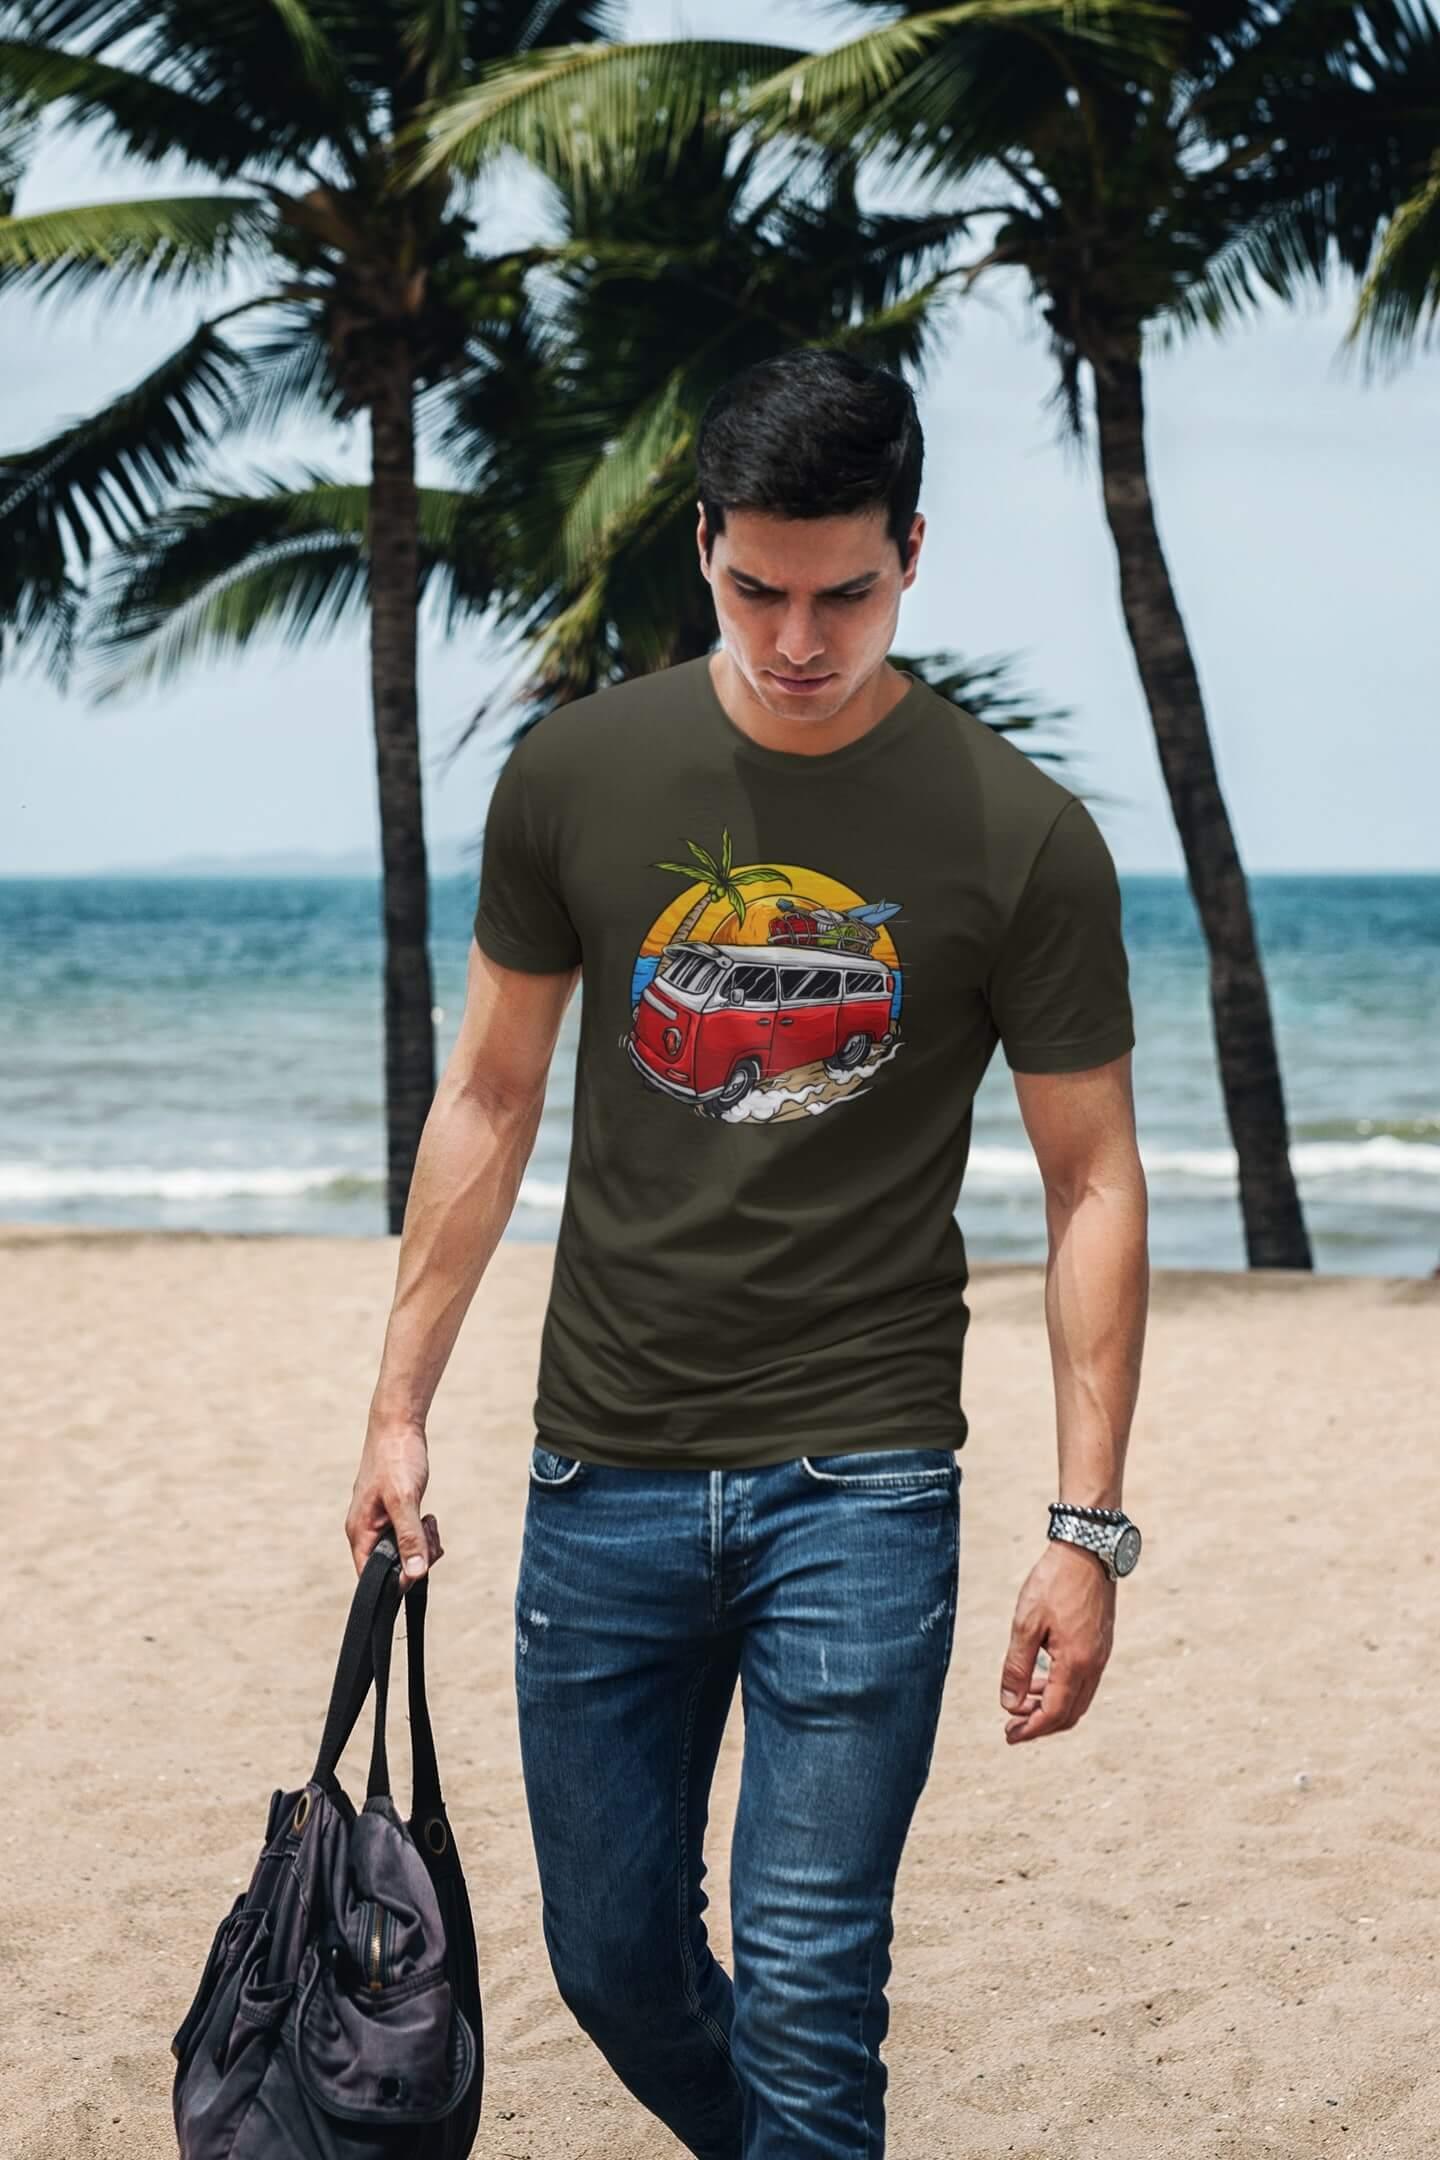 MMO Pánske tričko Minibus Vyberte farbu: Military, Vyberte veľkosť: XS